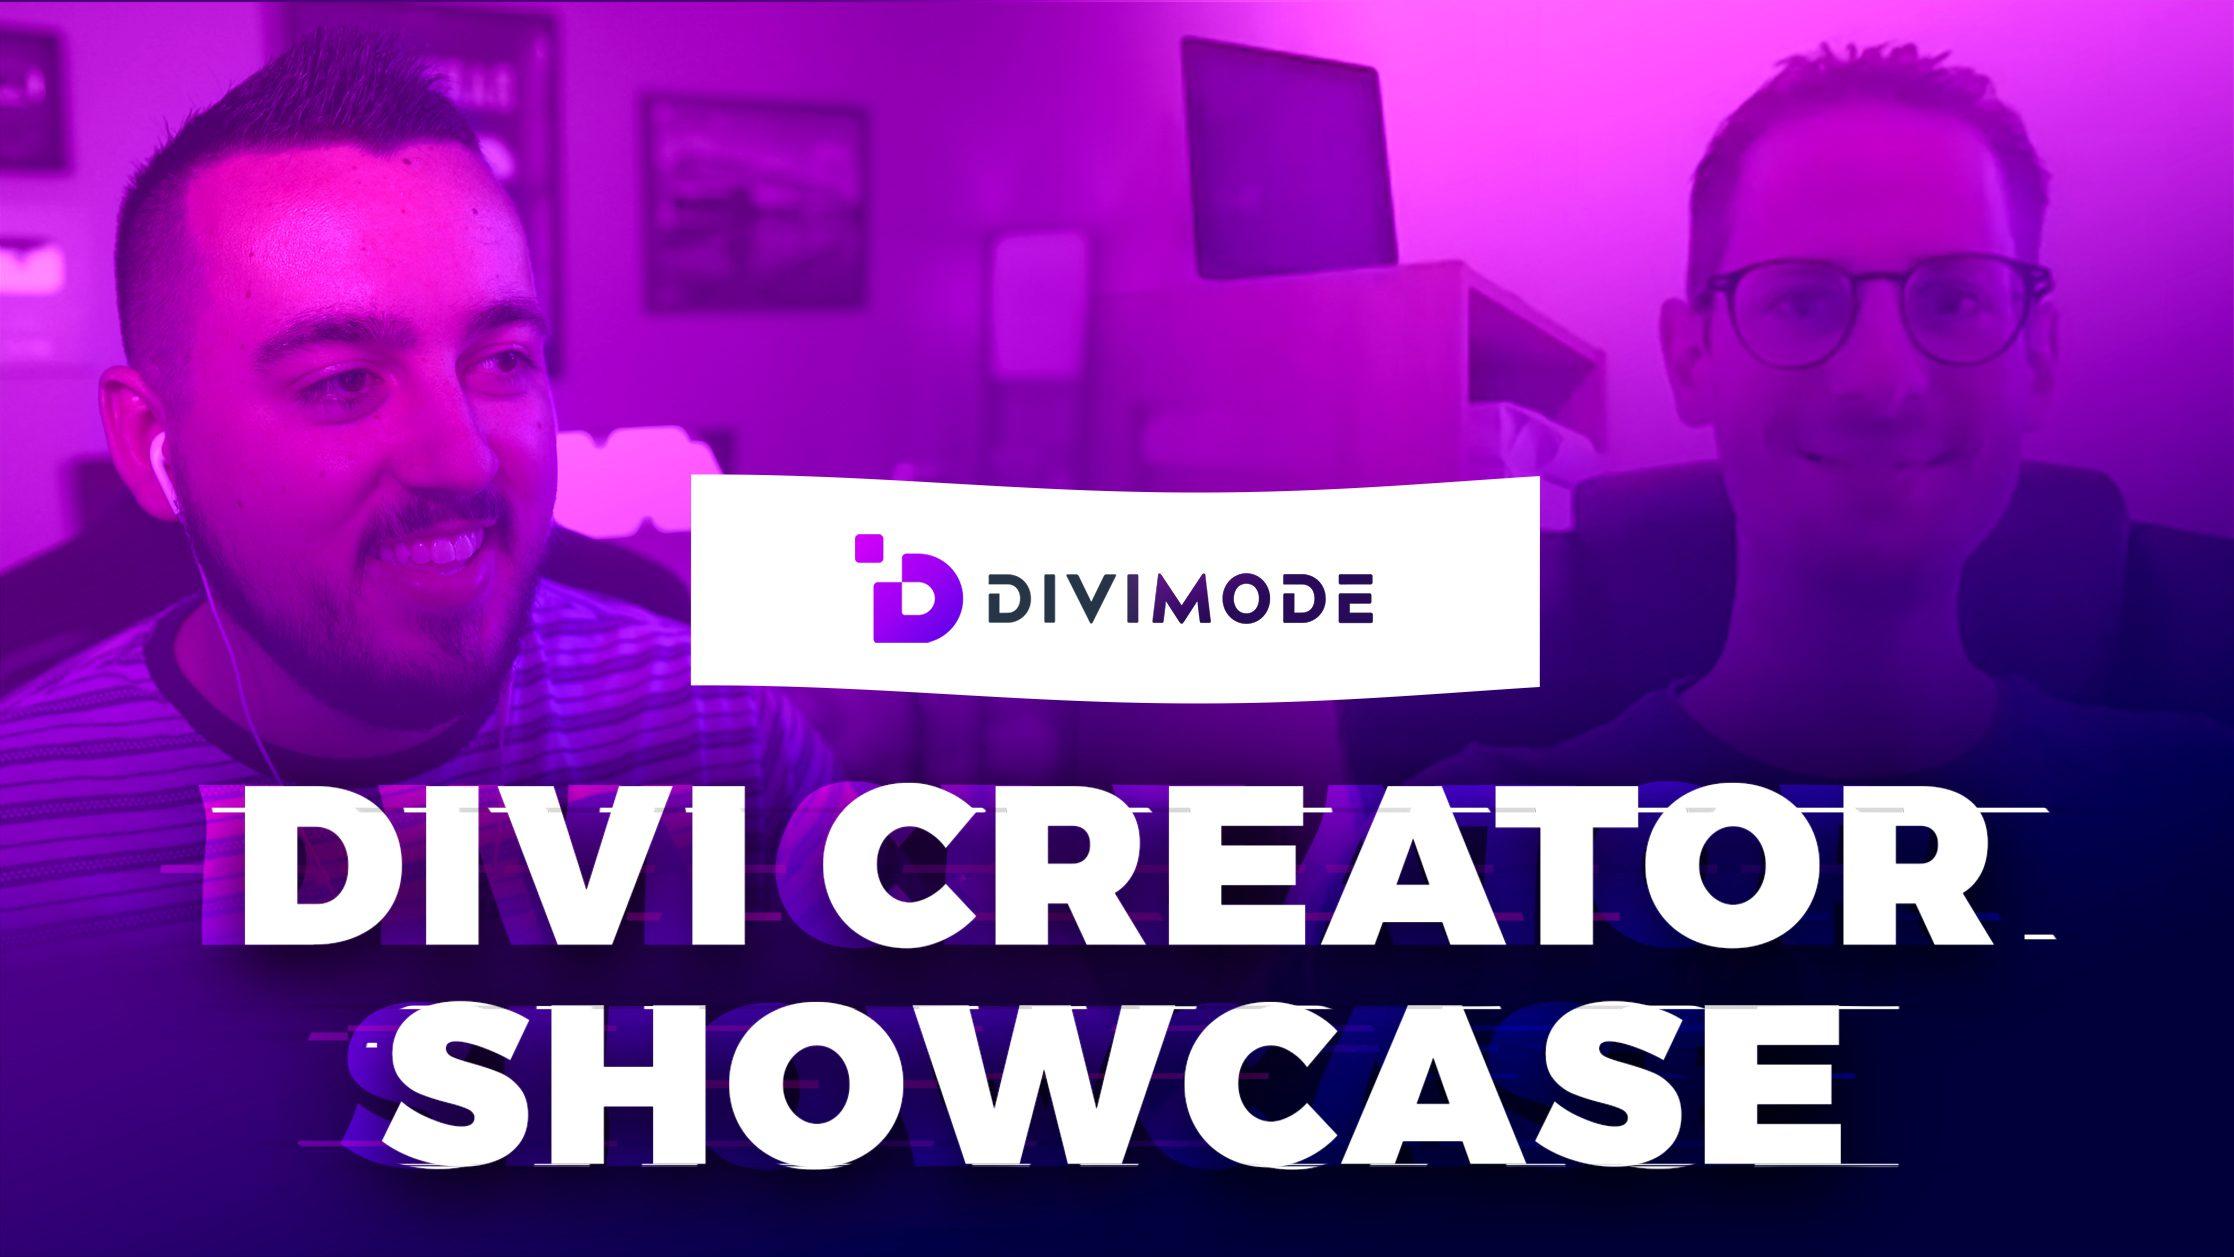 Divi Creator Showcase: DiviMode